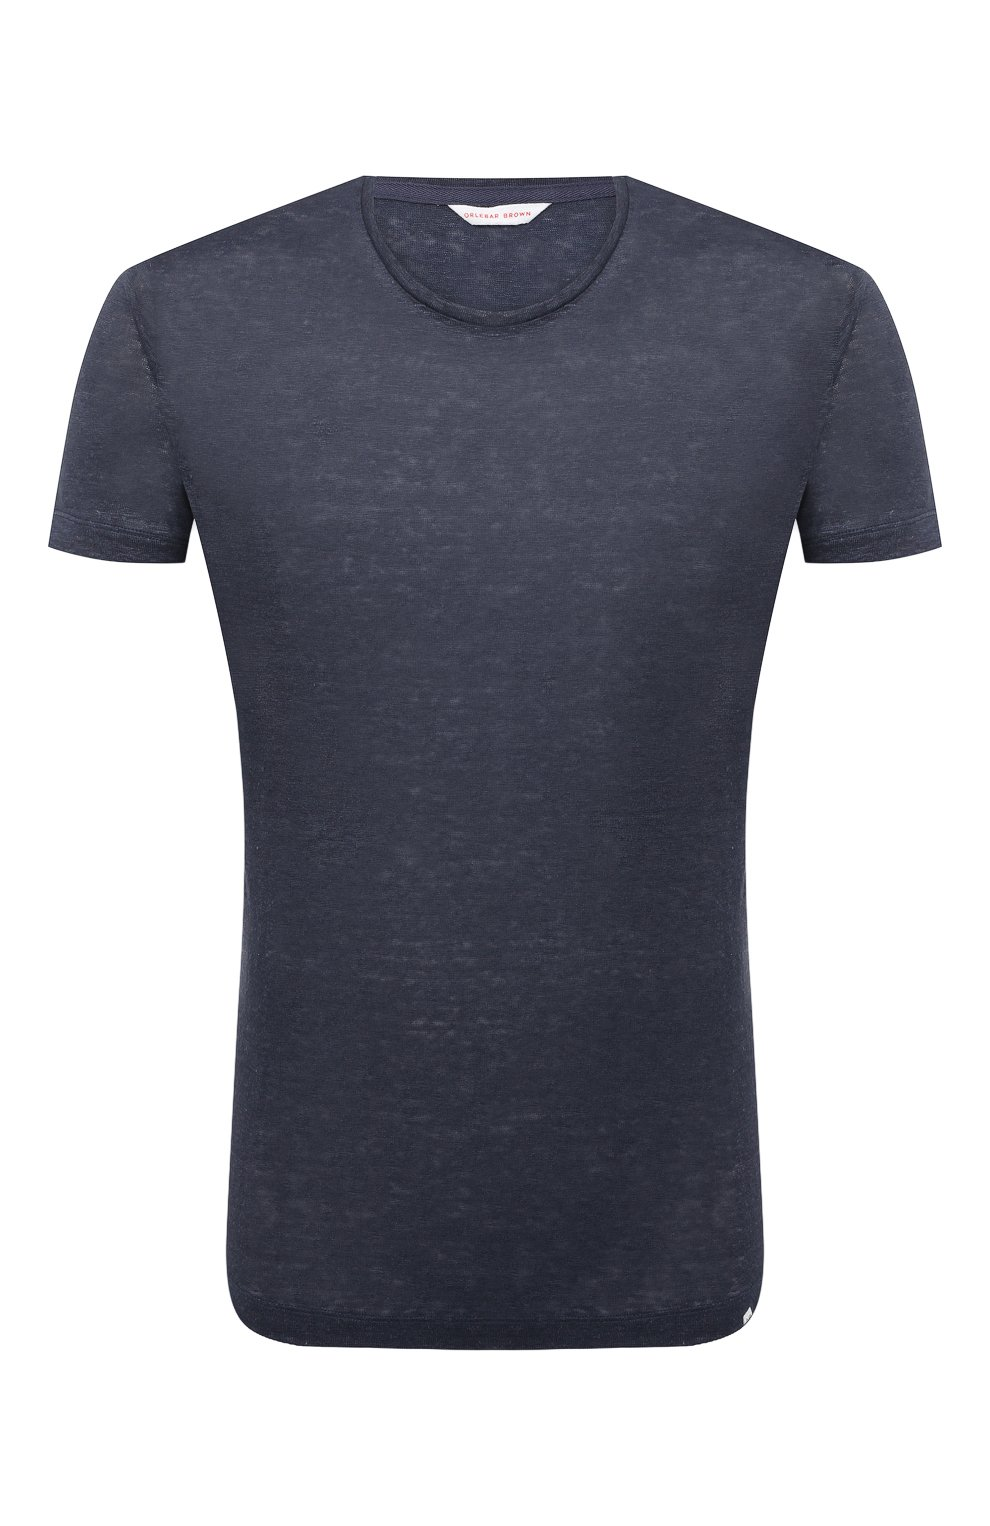 Мужская льняная футболка ORLEBAR BROWN темно-синего цвета, арт. 265745 | Фото 1 (Кросс-КТ: домашняя одежда; Рукава: Короткие; Длина (для топов): Стандартные; Мужское Кросс-КТ: Футболка-белье; Материал внешний: Лен)